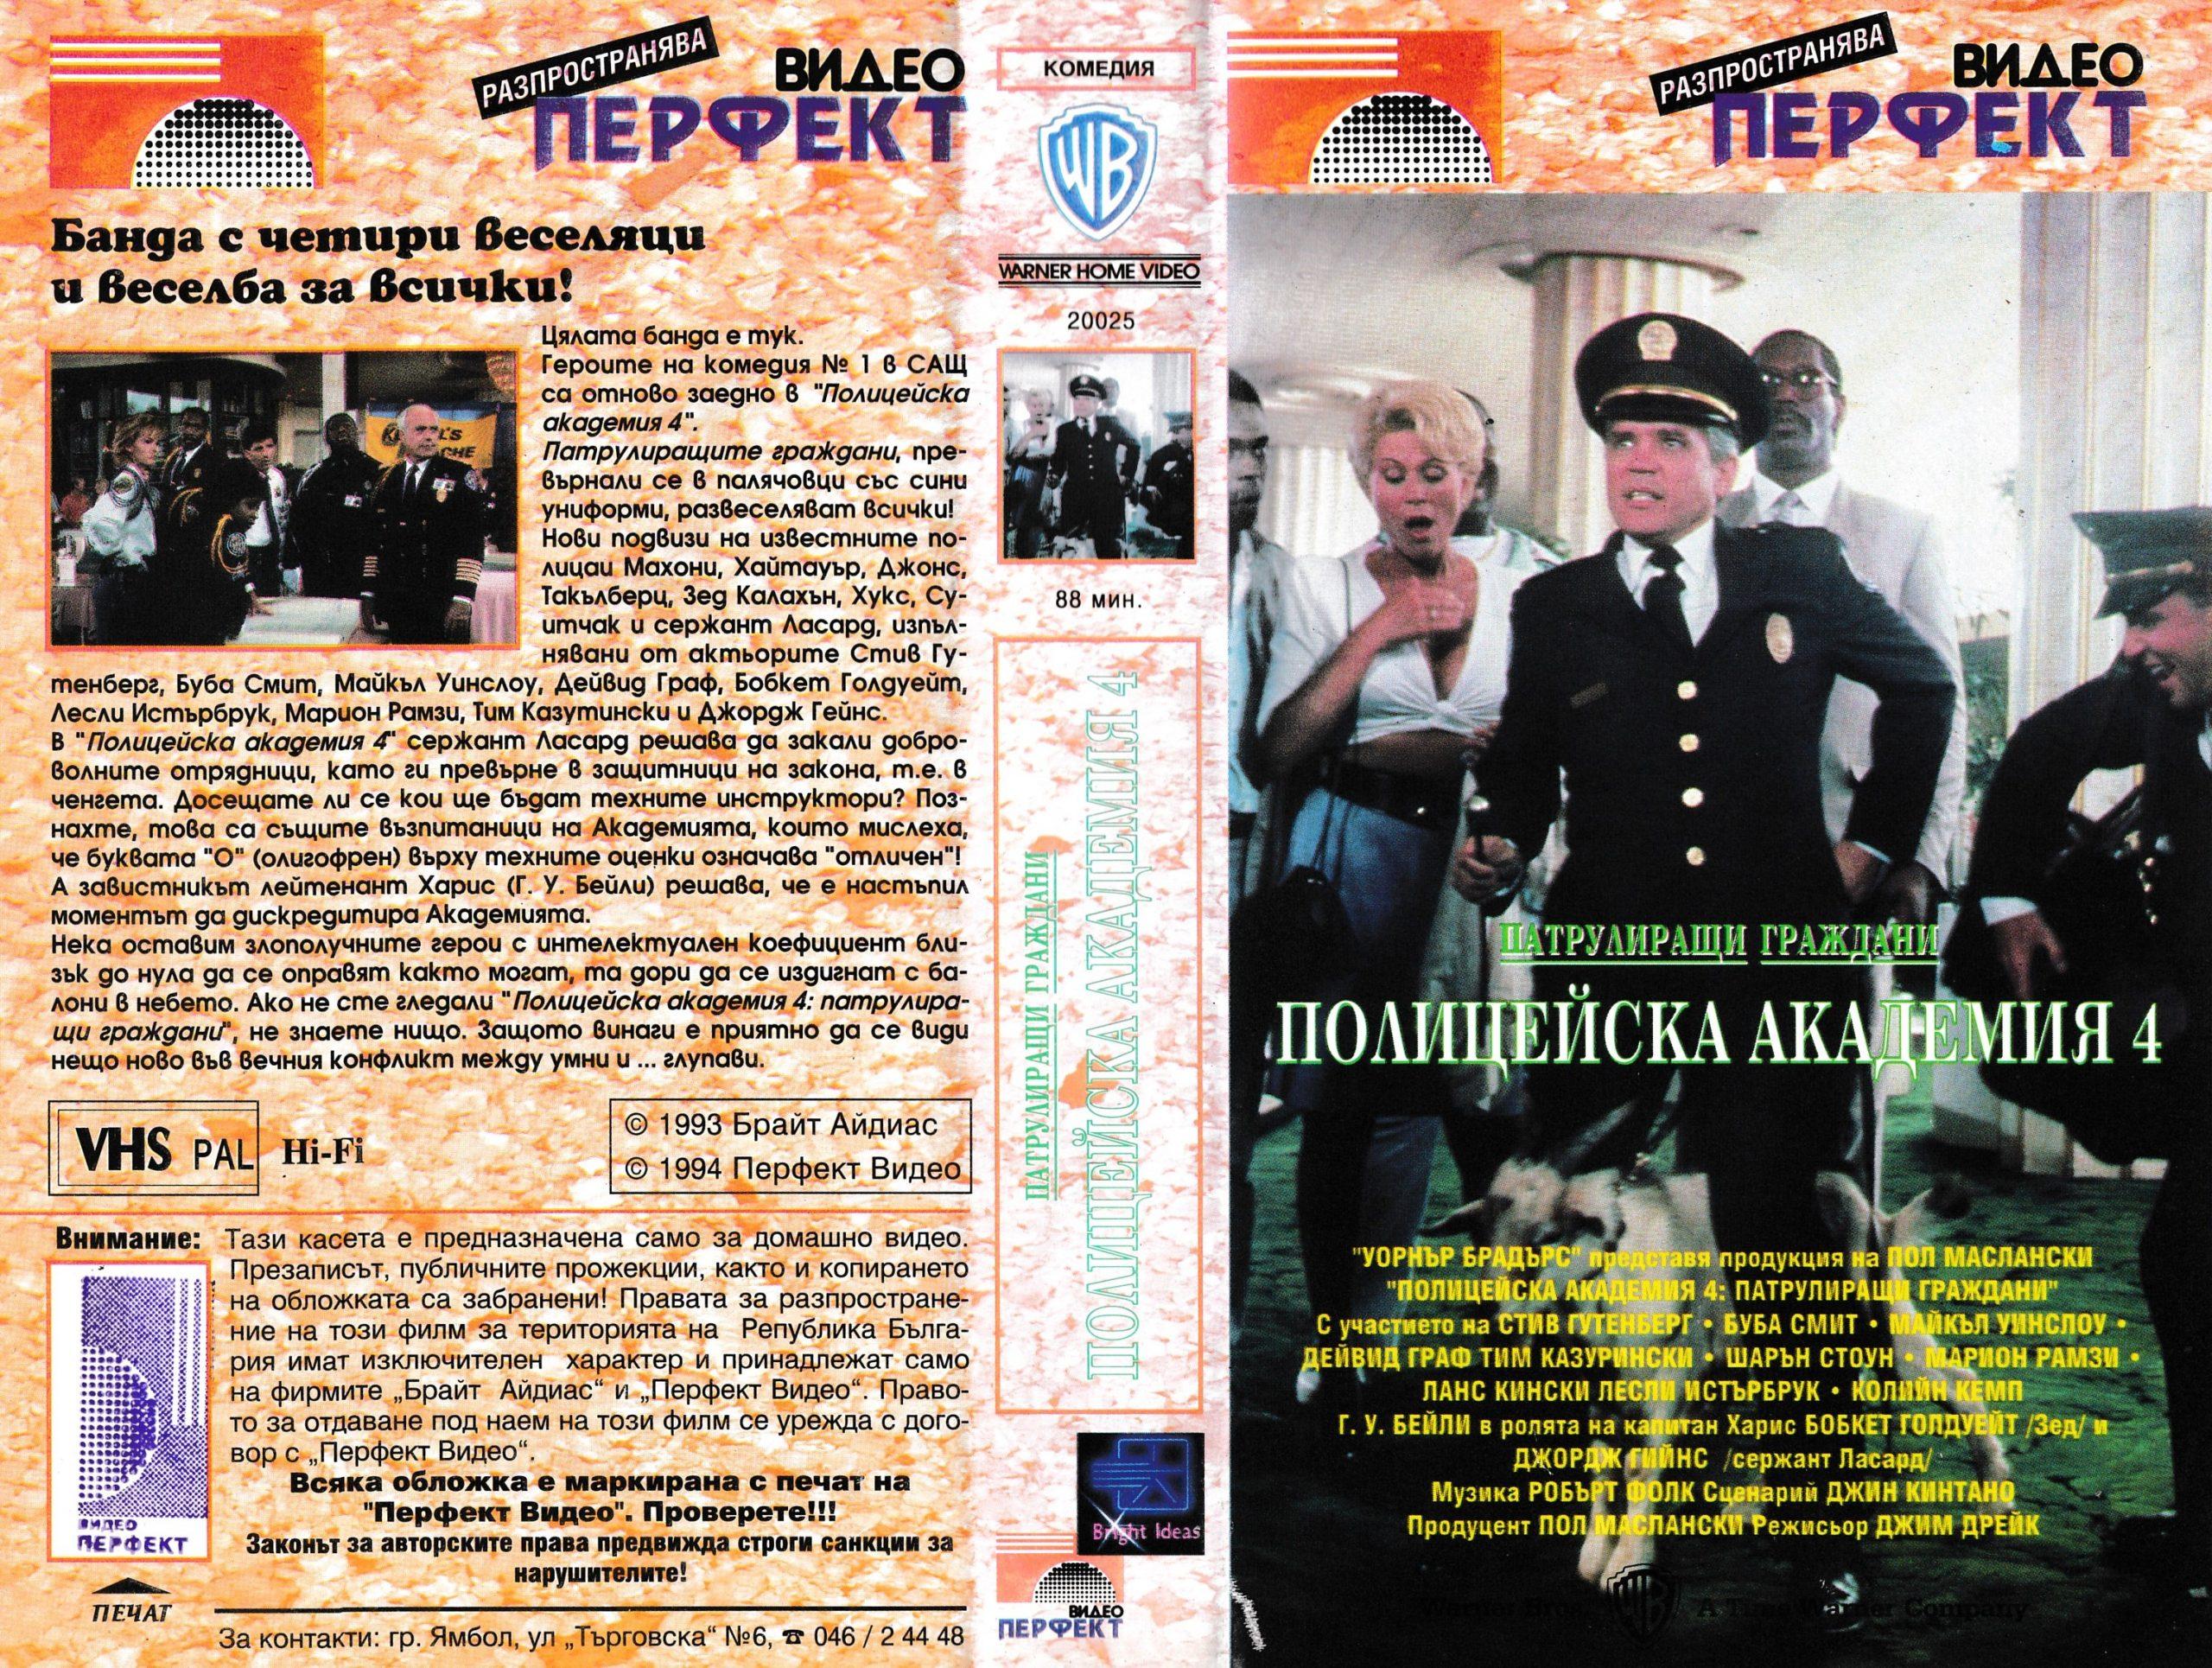 Полицейска академия 4